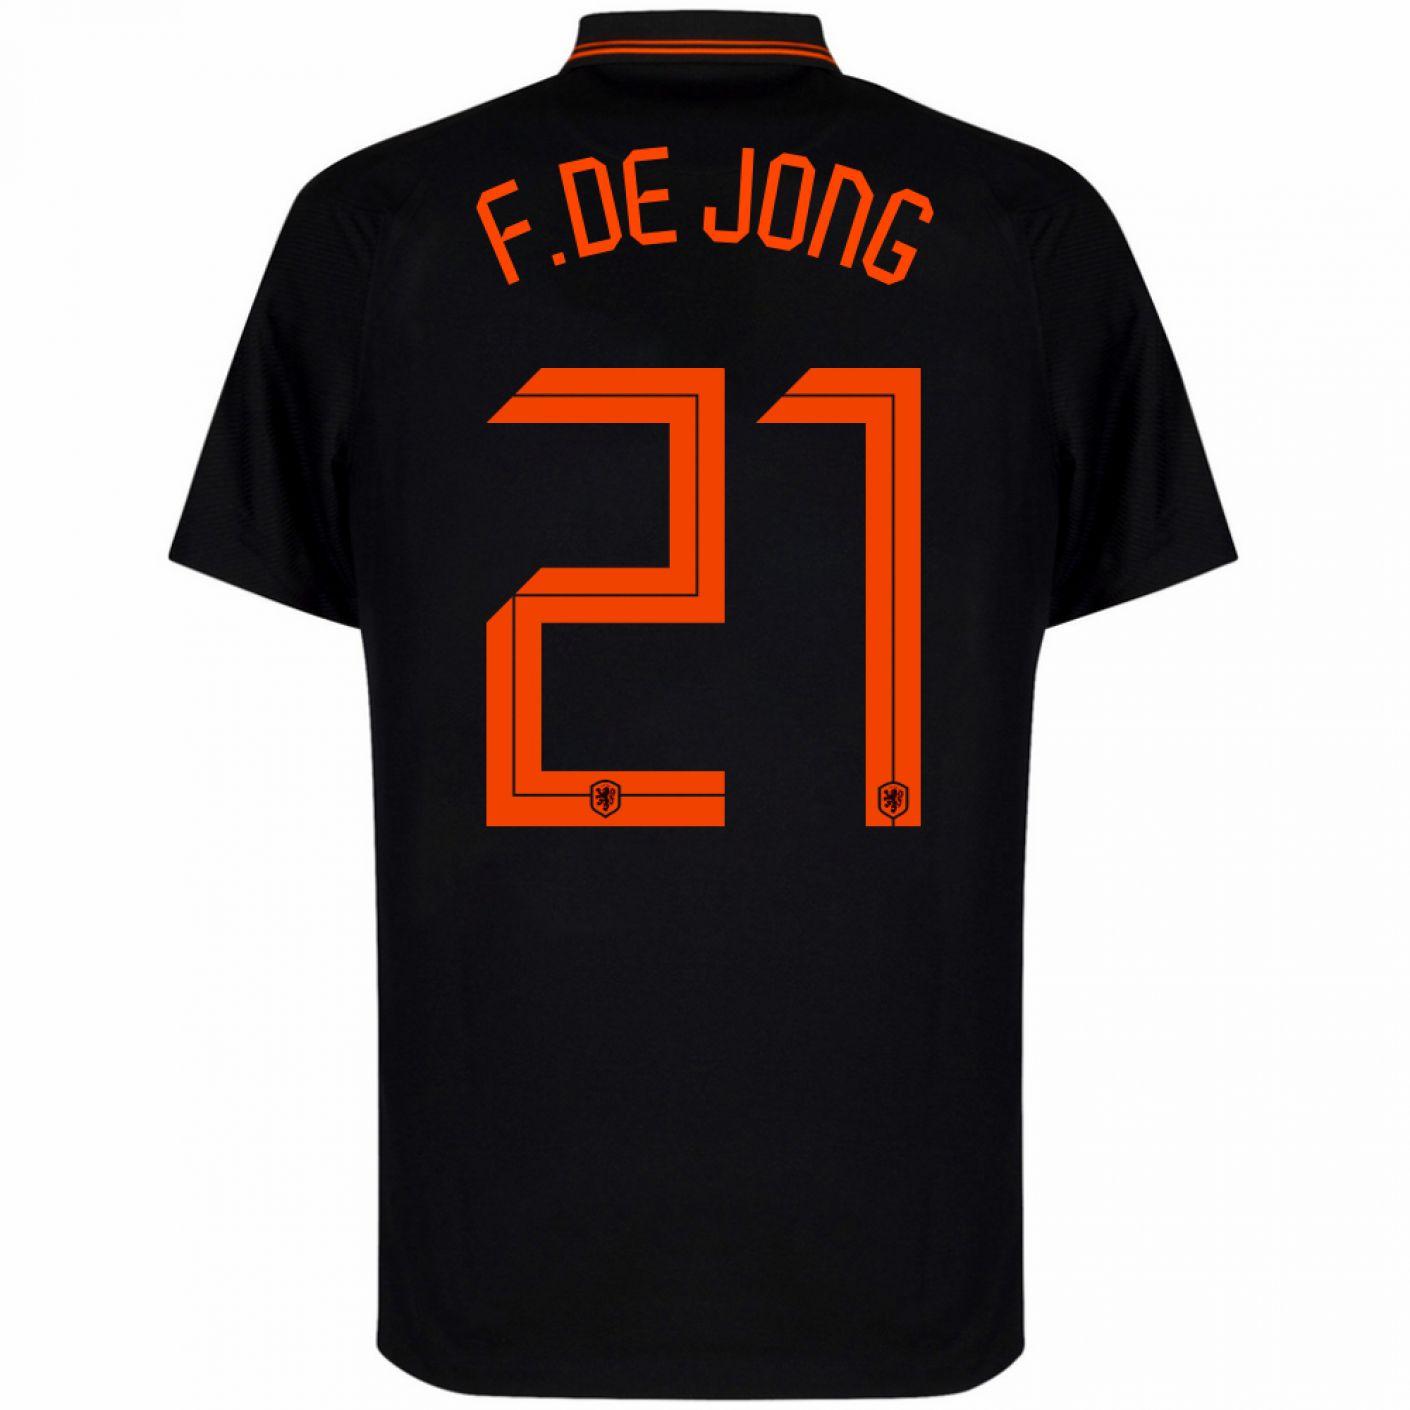 Nike Nederland F. de Jong 21 Uitshirt 2020-2022